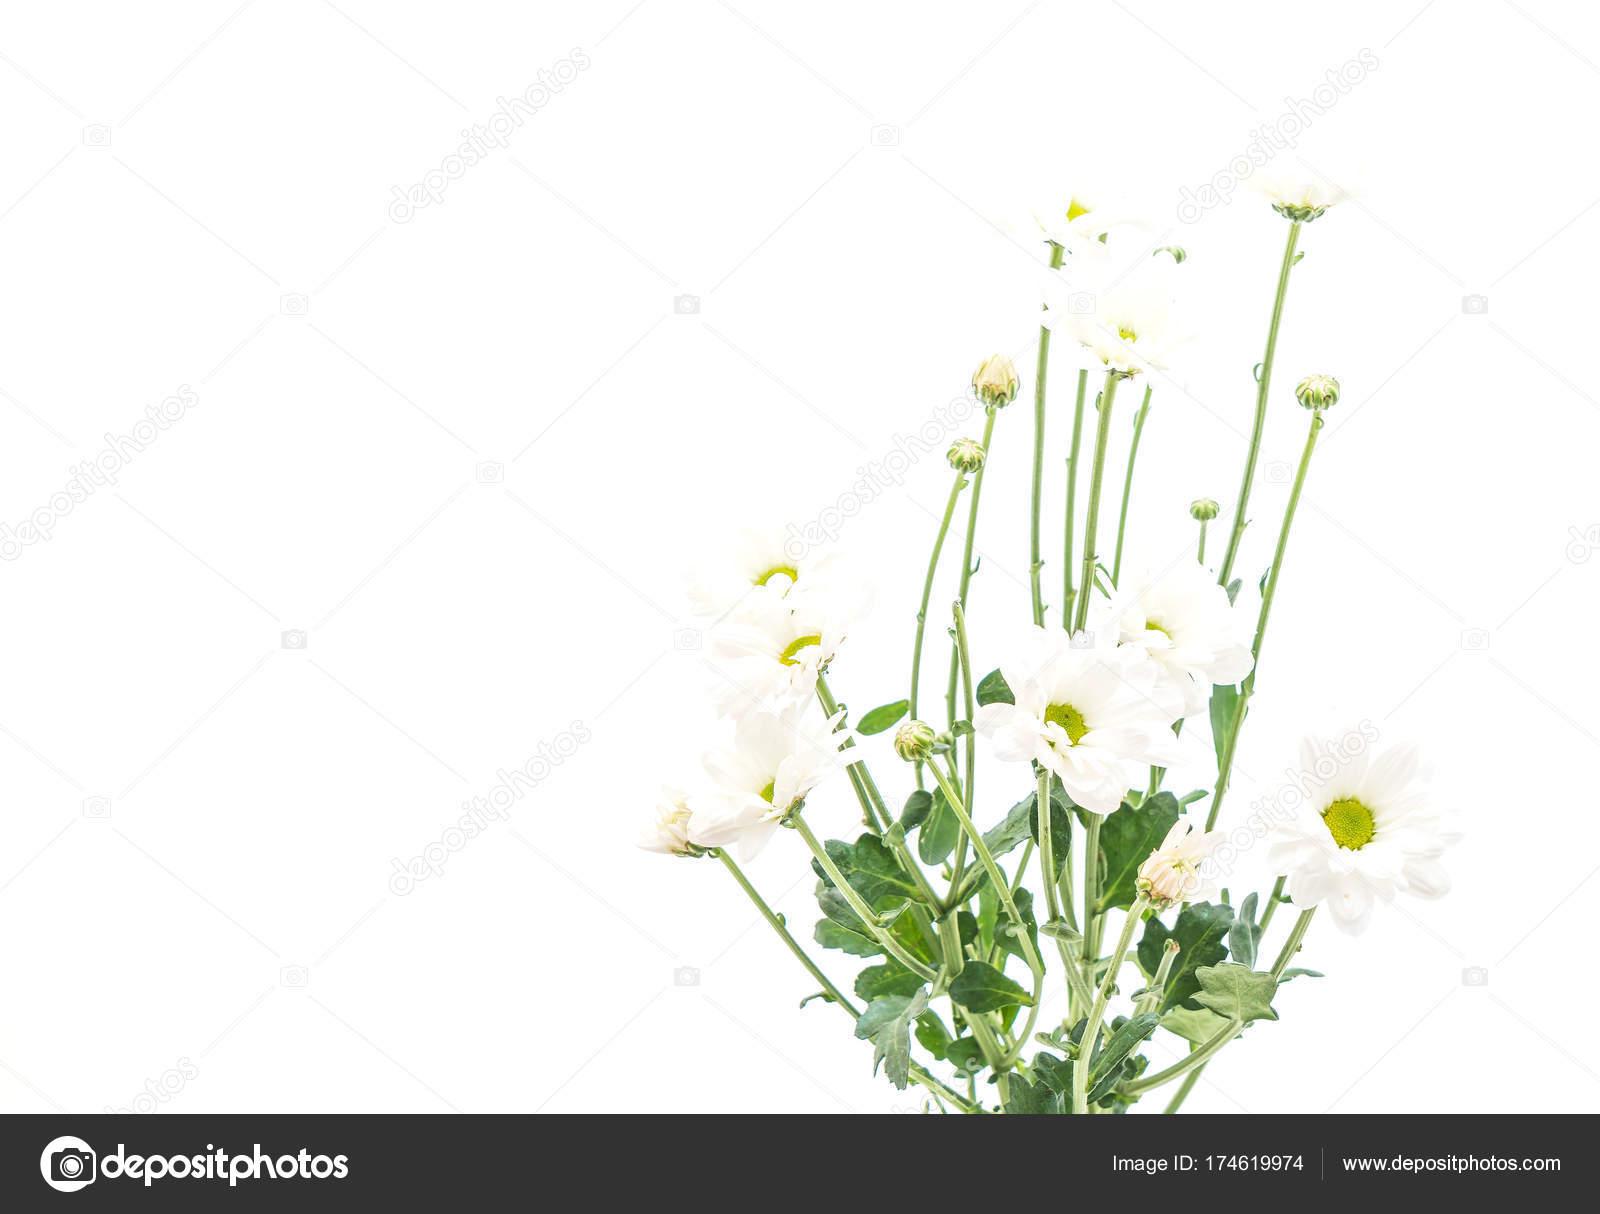 White mum flowers stock photo topntp 174619974 white mum flowers stock photo mightylinksfo